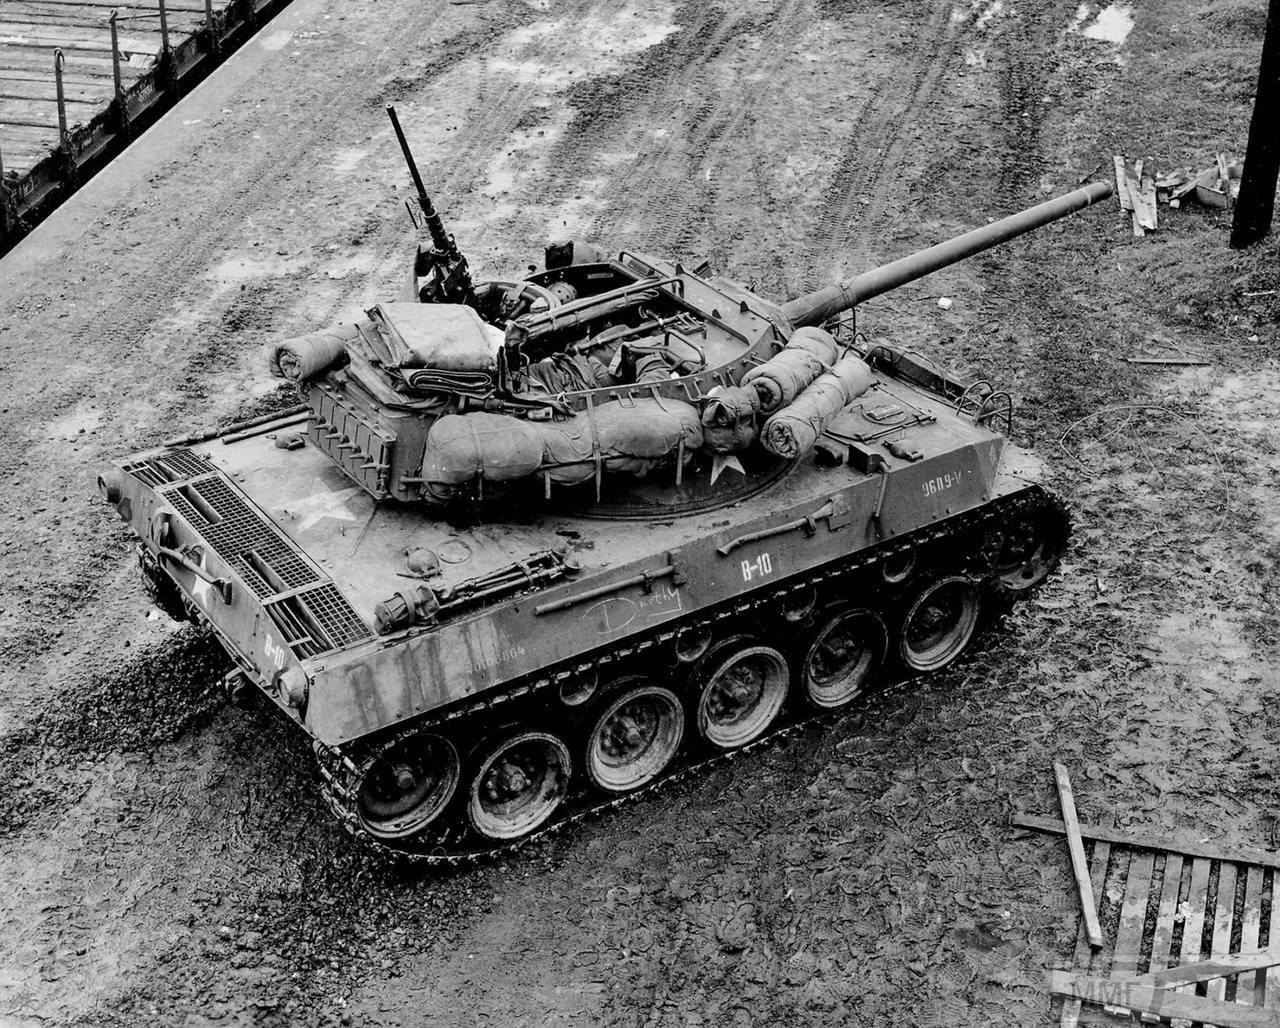 55091 - Военное фото 1939-1945 г.г. Западный фронт и Африка.